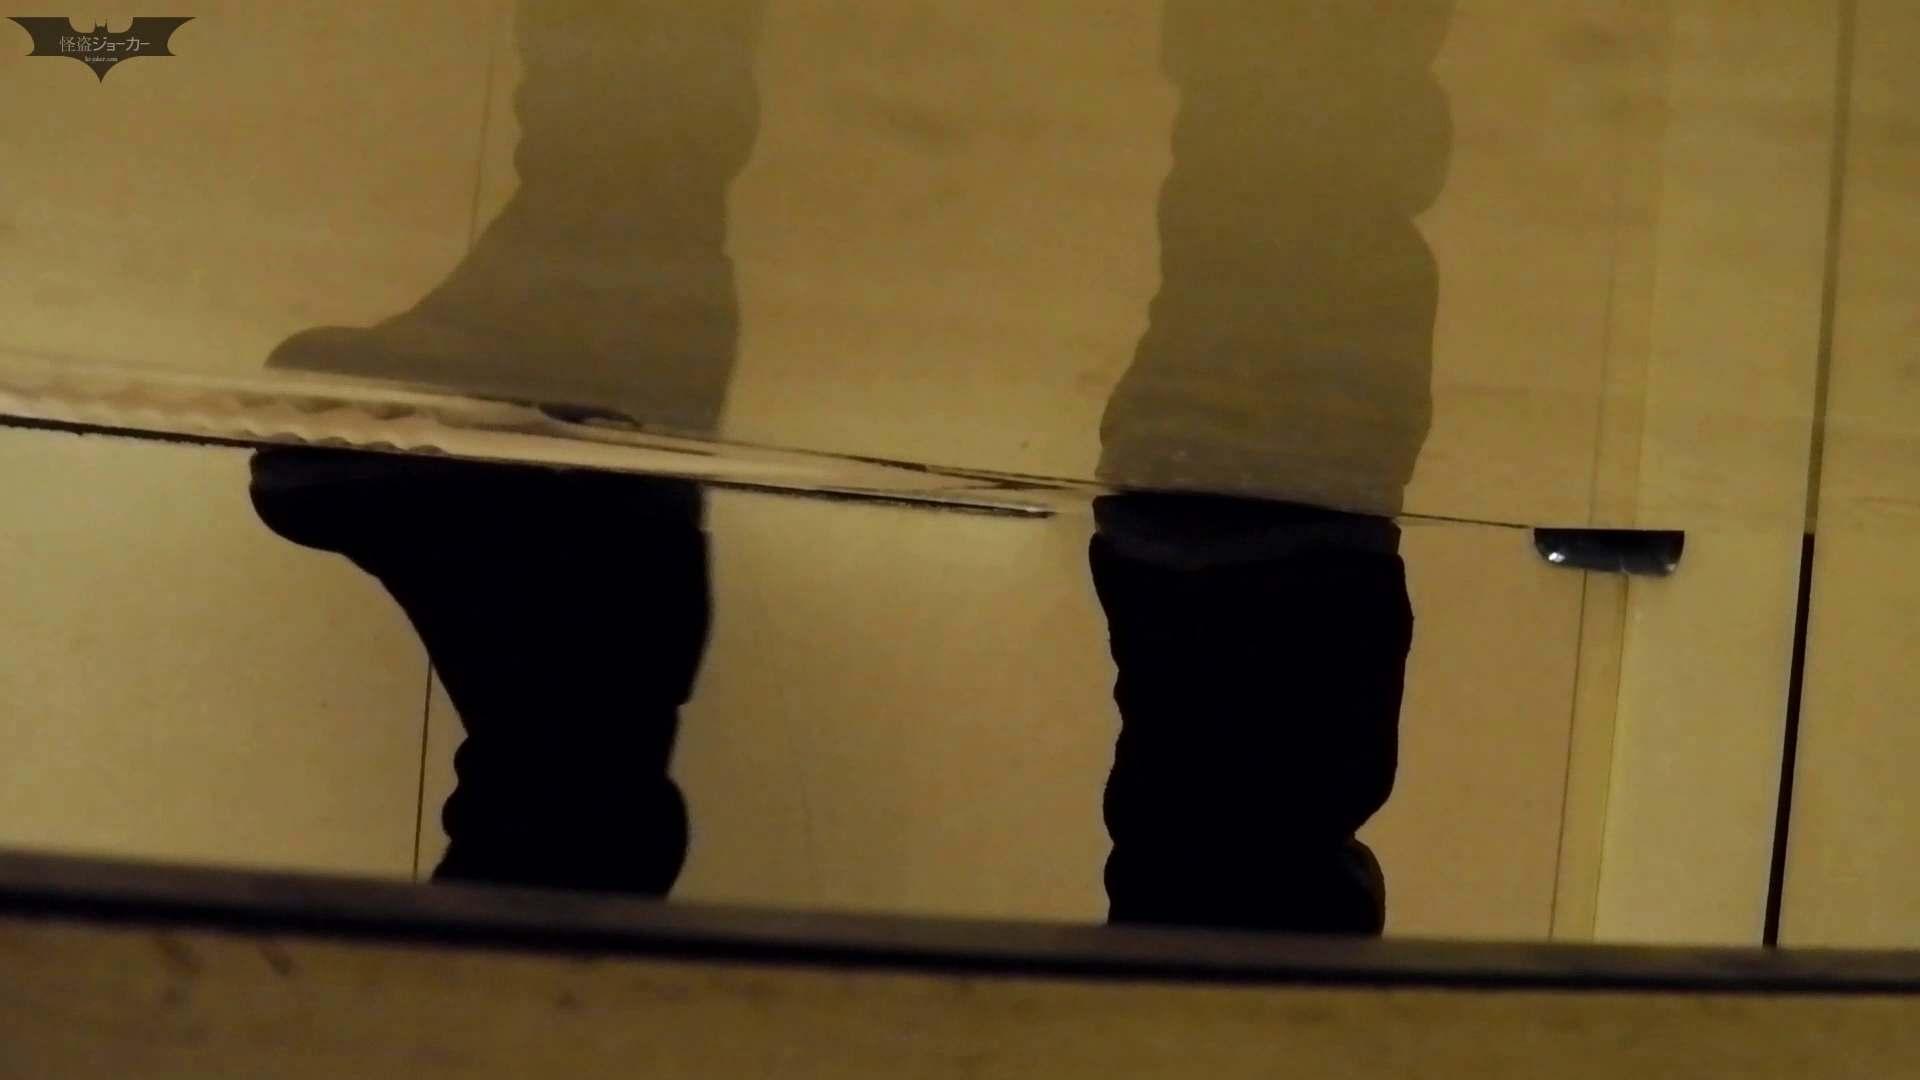 新世界の射窓 No64日本ギャル登場か?ハイヒール大特集! ギャル盗撮映像   洗面所  84PIX 41